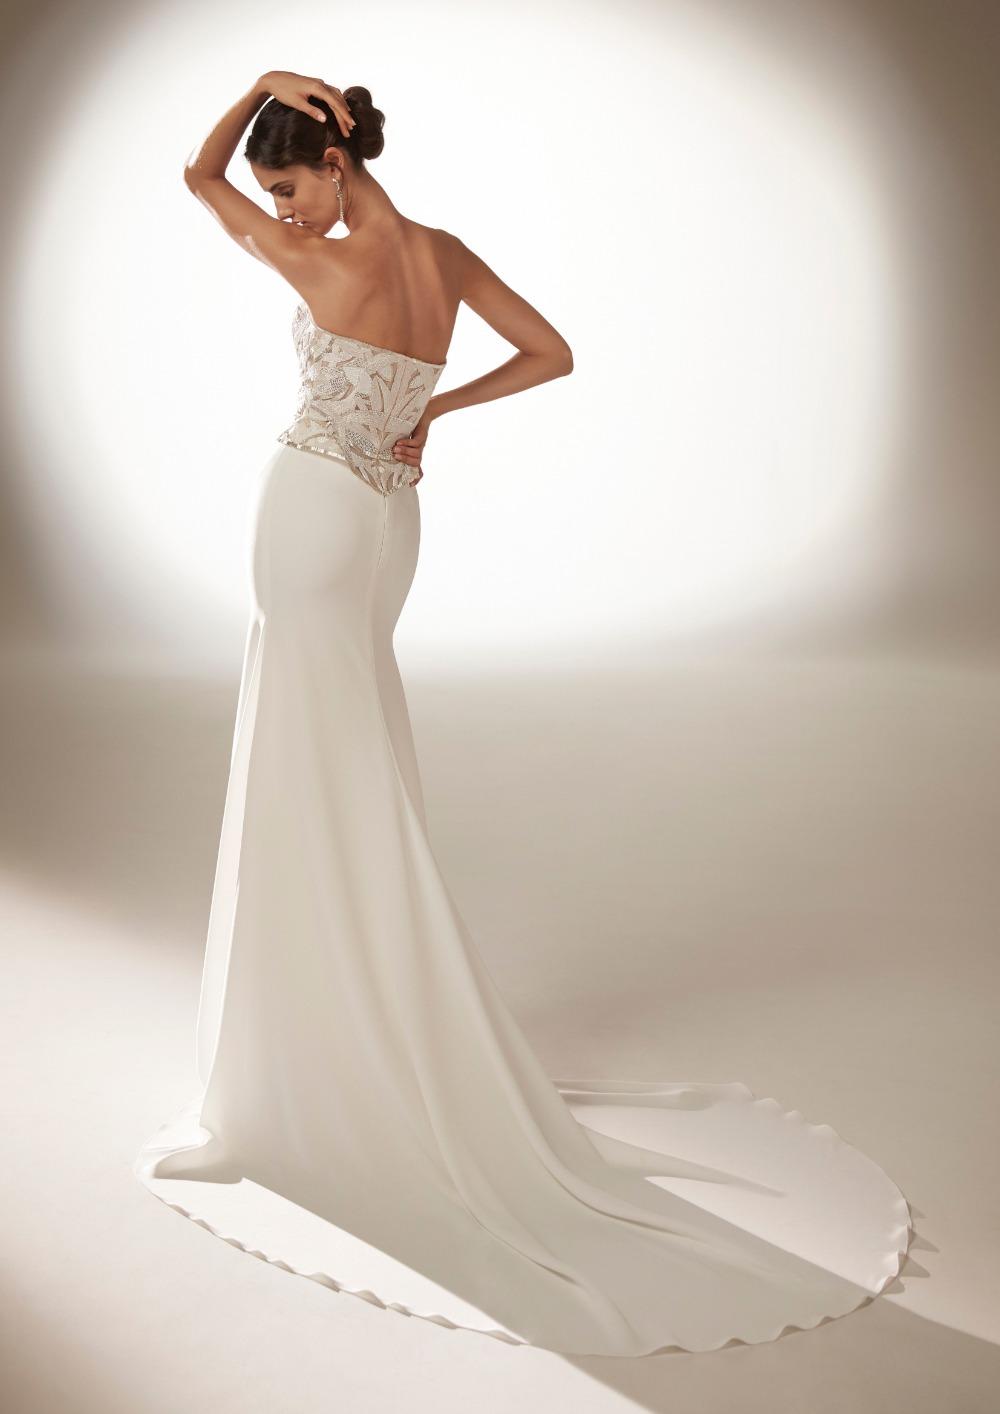 Atelier Pronovias * Svadobné šaty z kolekcie na 2021 - Obrázok č. 3